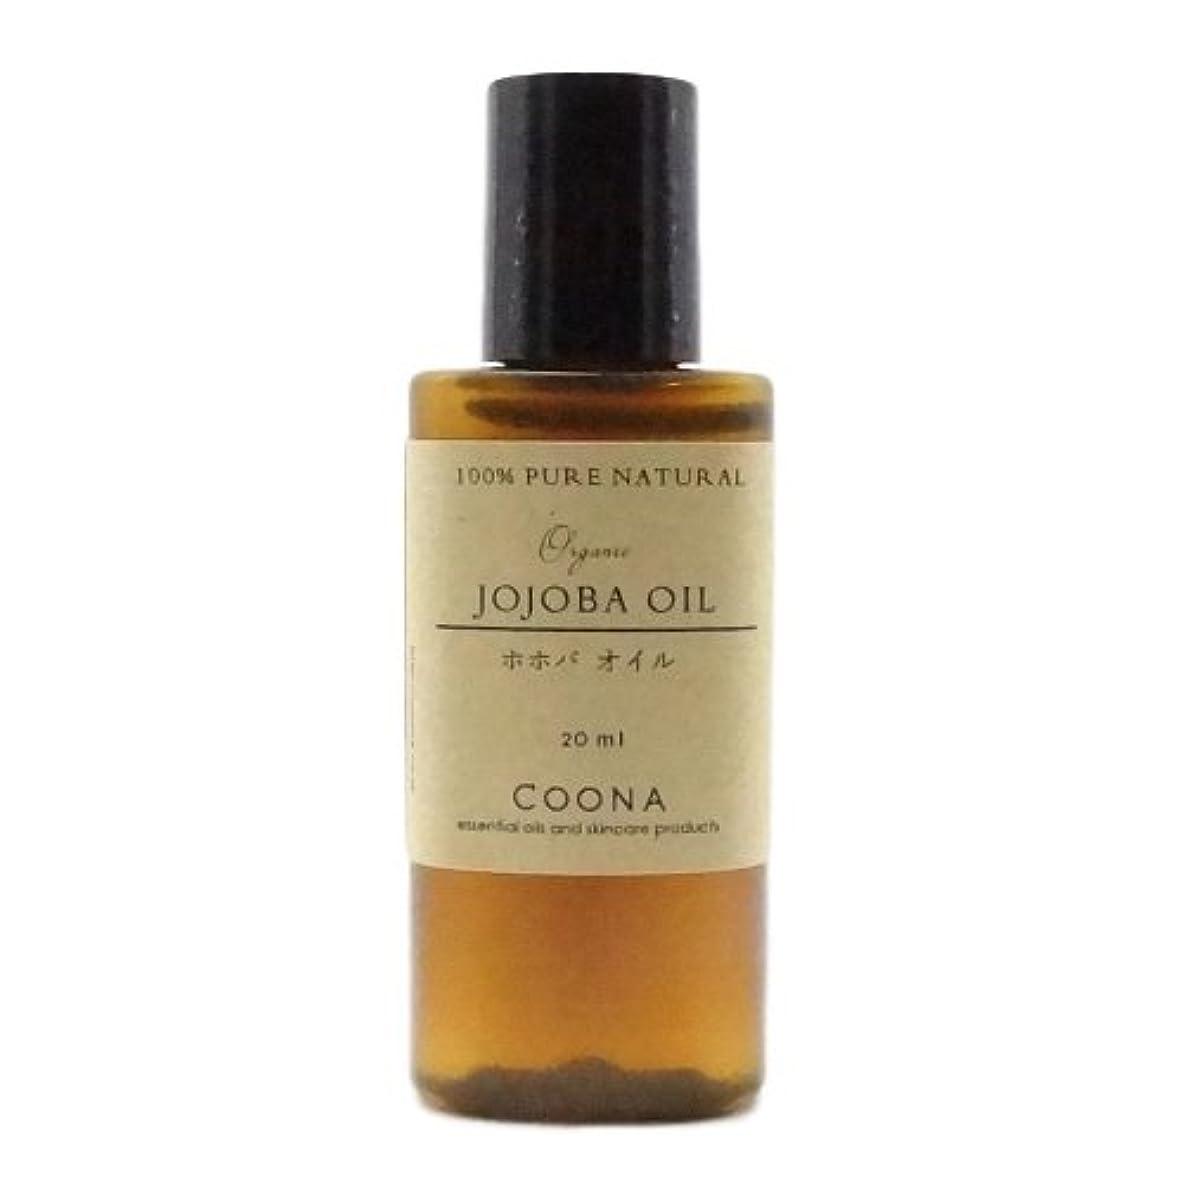 ホホバオイル 20 ml (COONA キャリアオイル ベースオイル 100%ピュア ナチュラル 天然植物油)